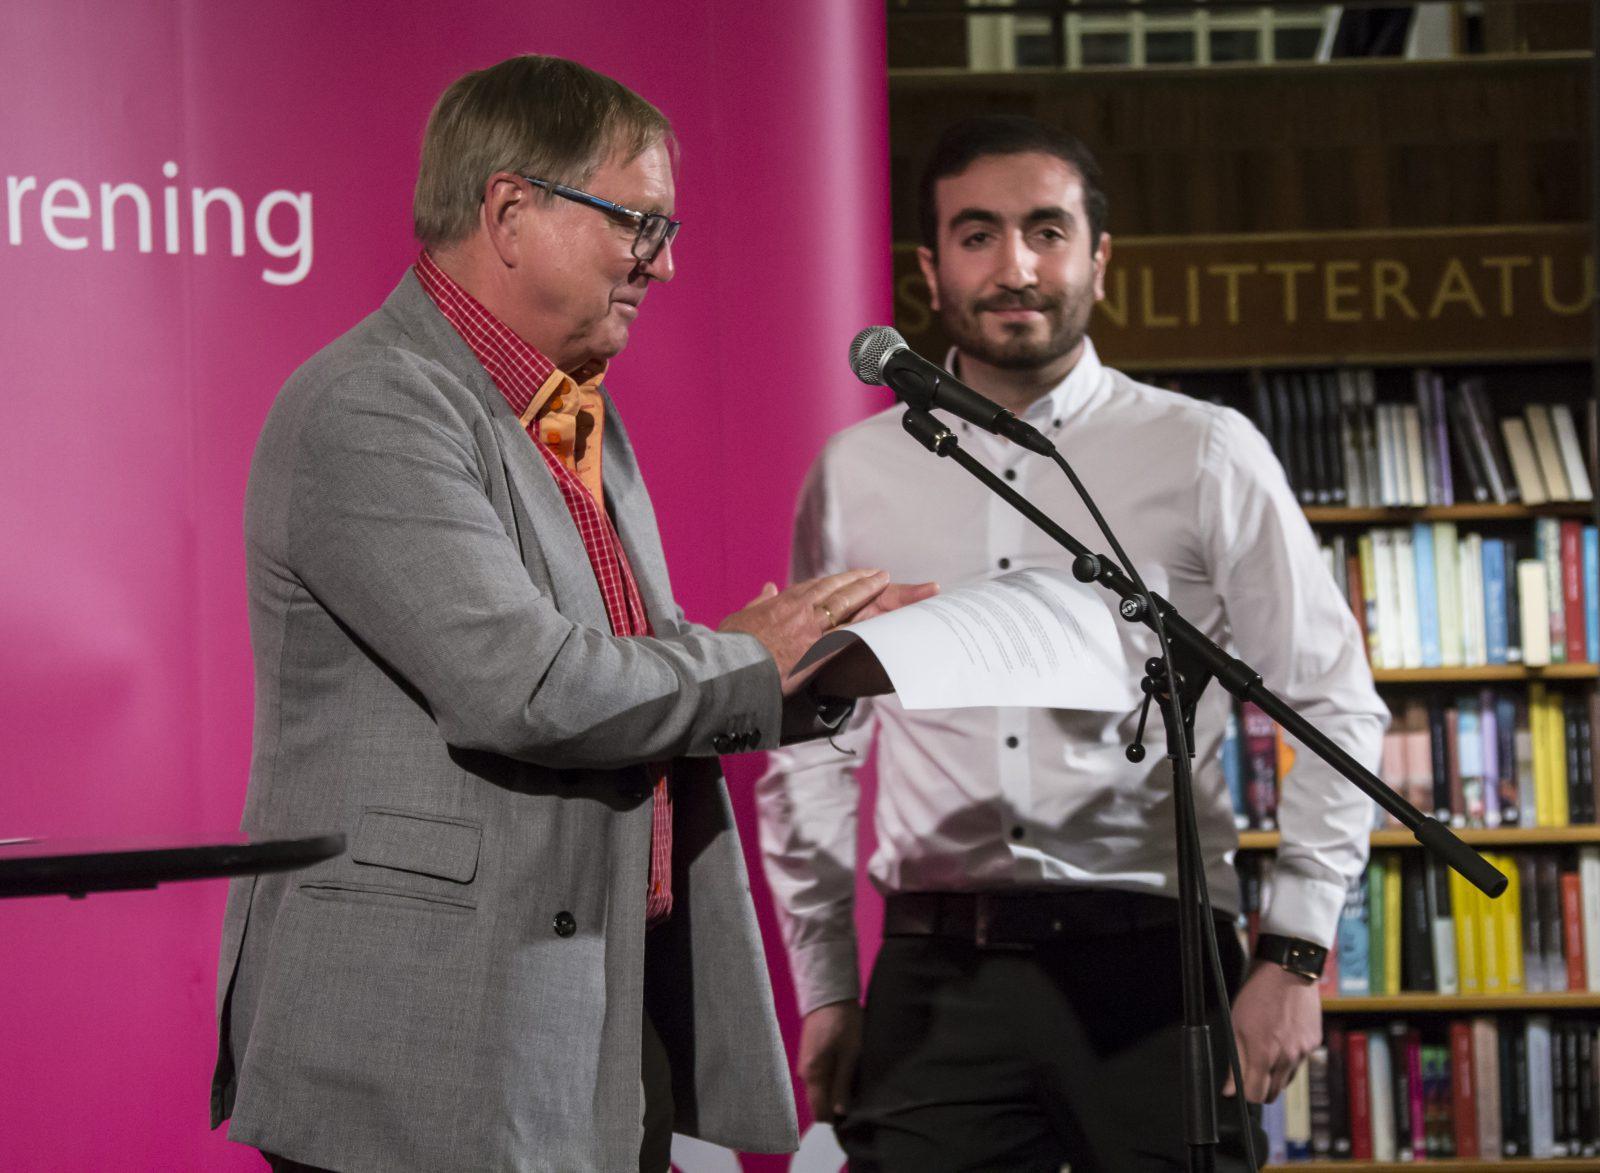 Två män på en scen, den ena läser något för den andra från ett papper.